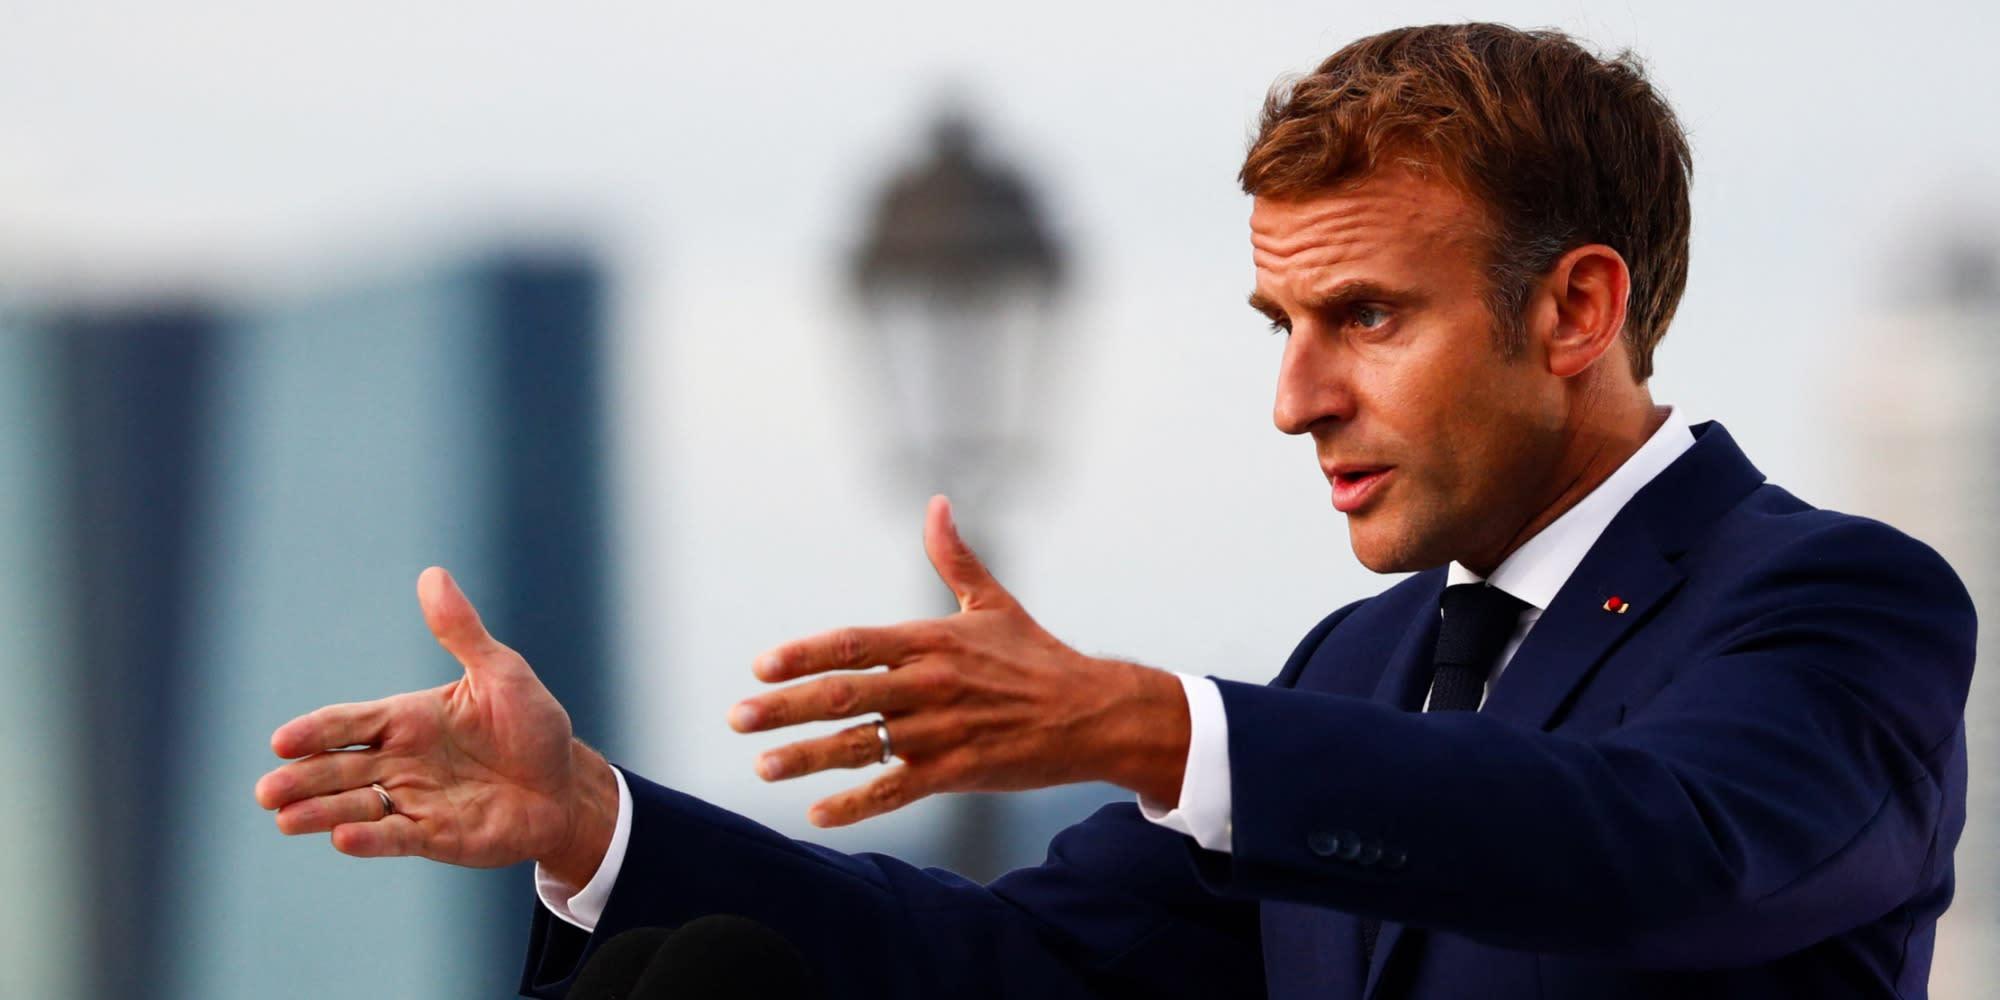 INFO EUROPE 1 - Le QR Code d'Emmanuel Macron diffusé sur internet, l'Élysée confirme son authenticité